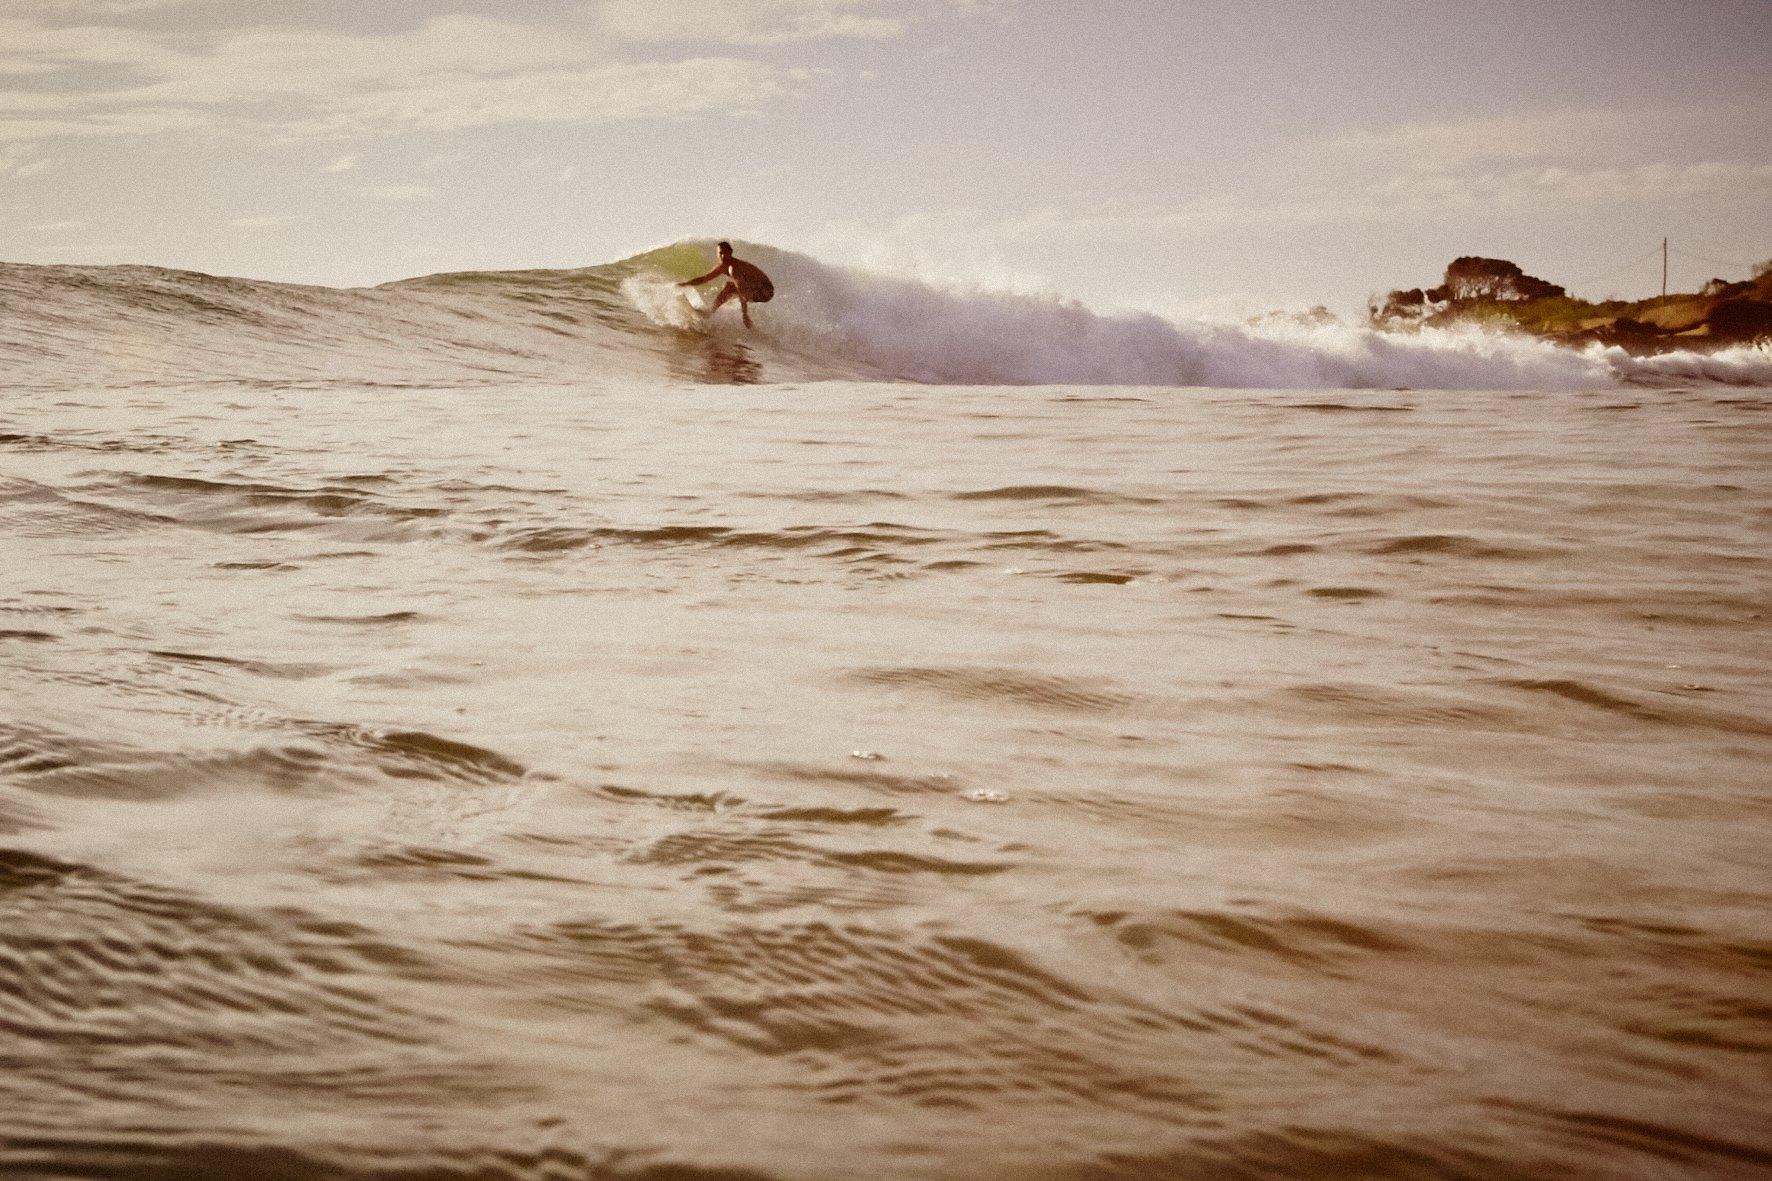 SriLan_Surf14_687